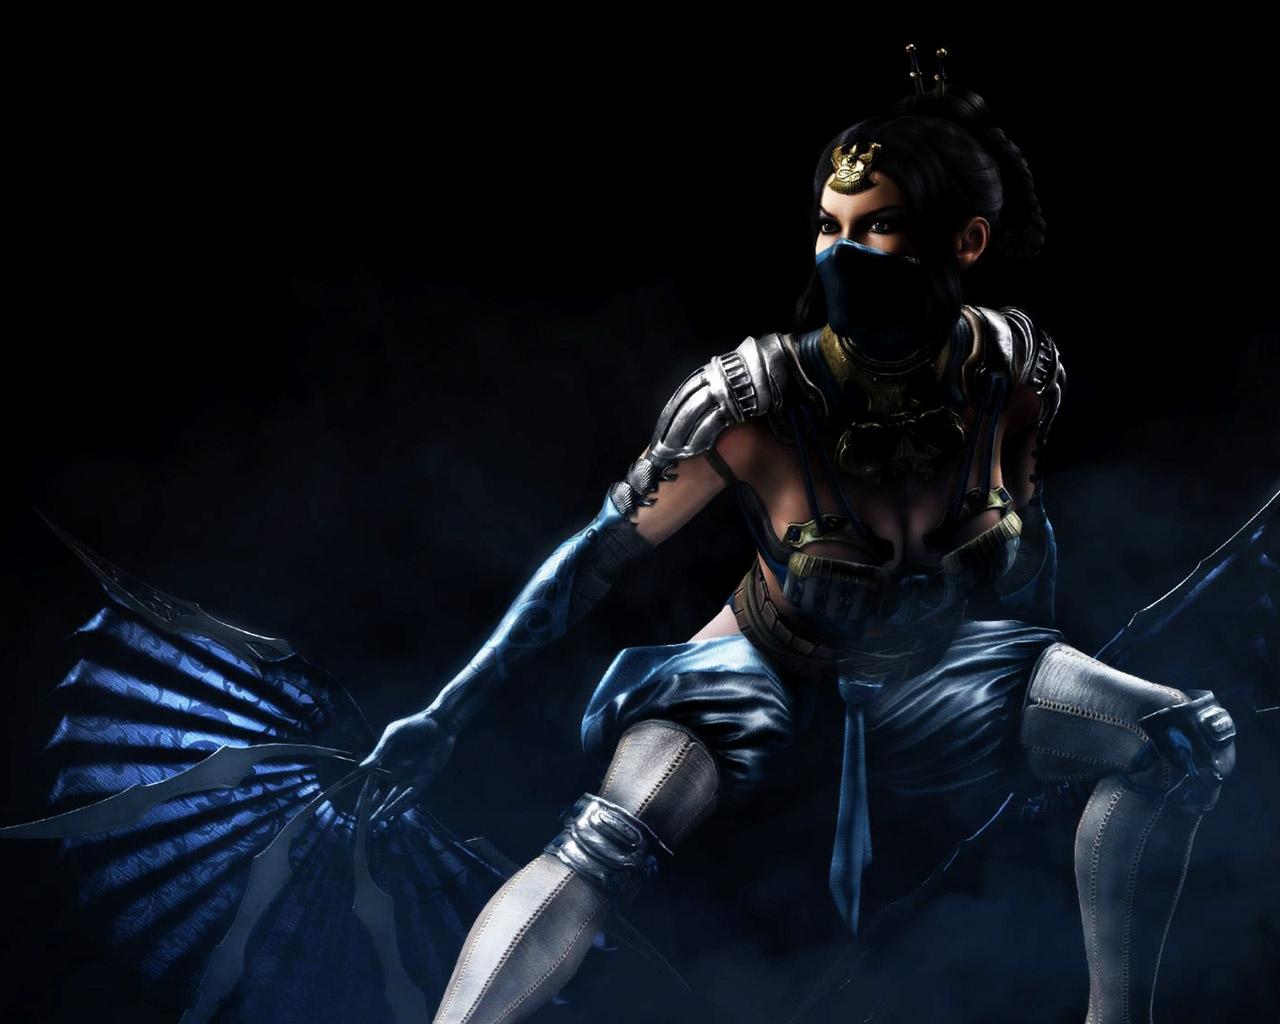 Free Mortal Kombat X Wallpaper in 1280x1024